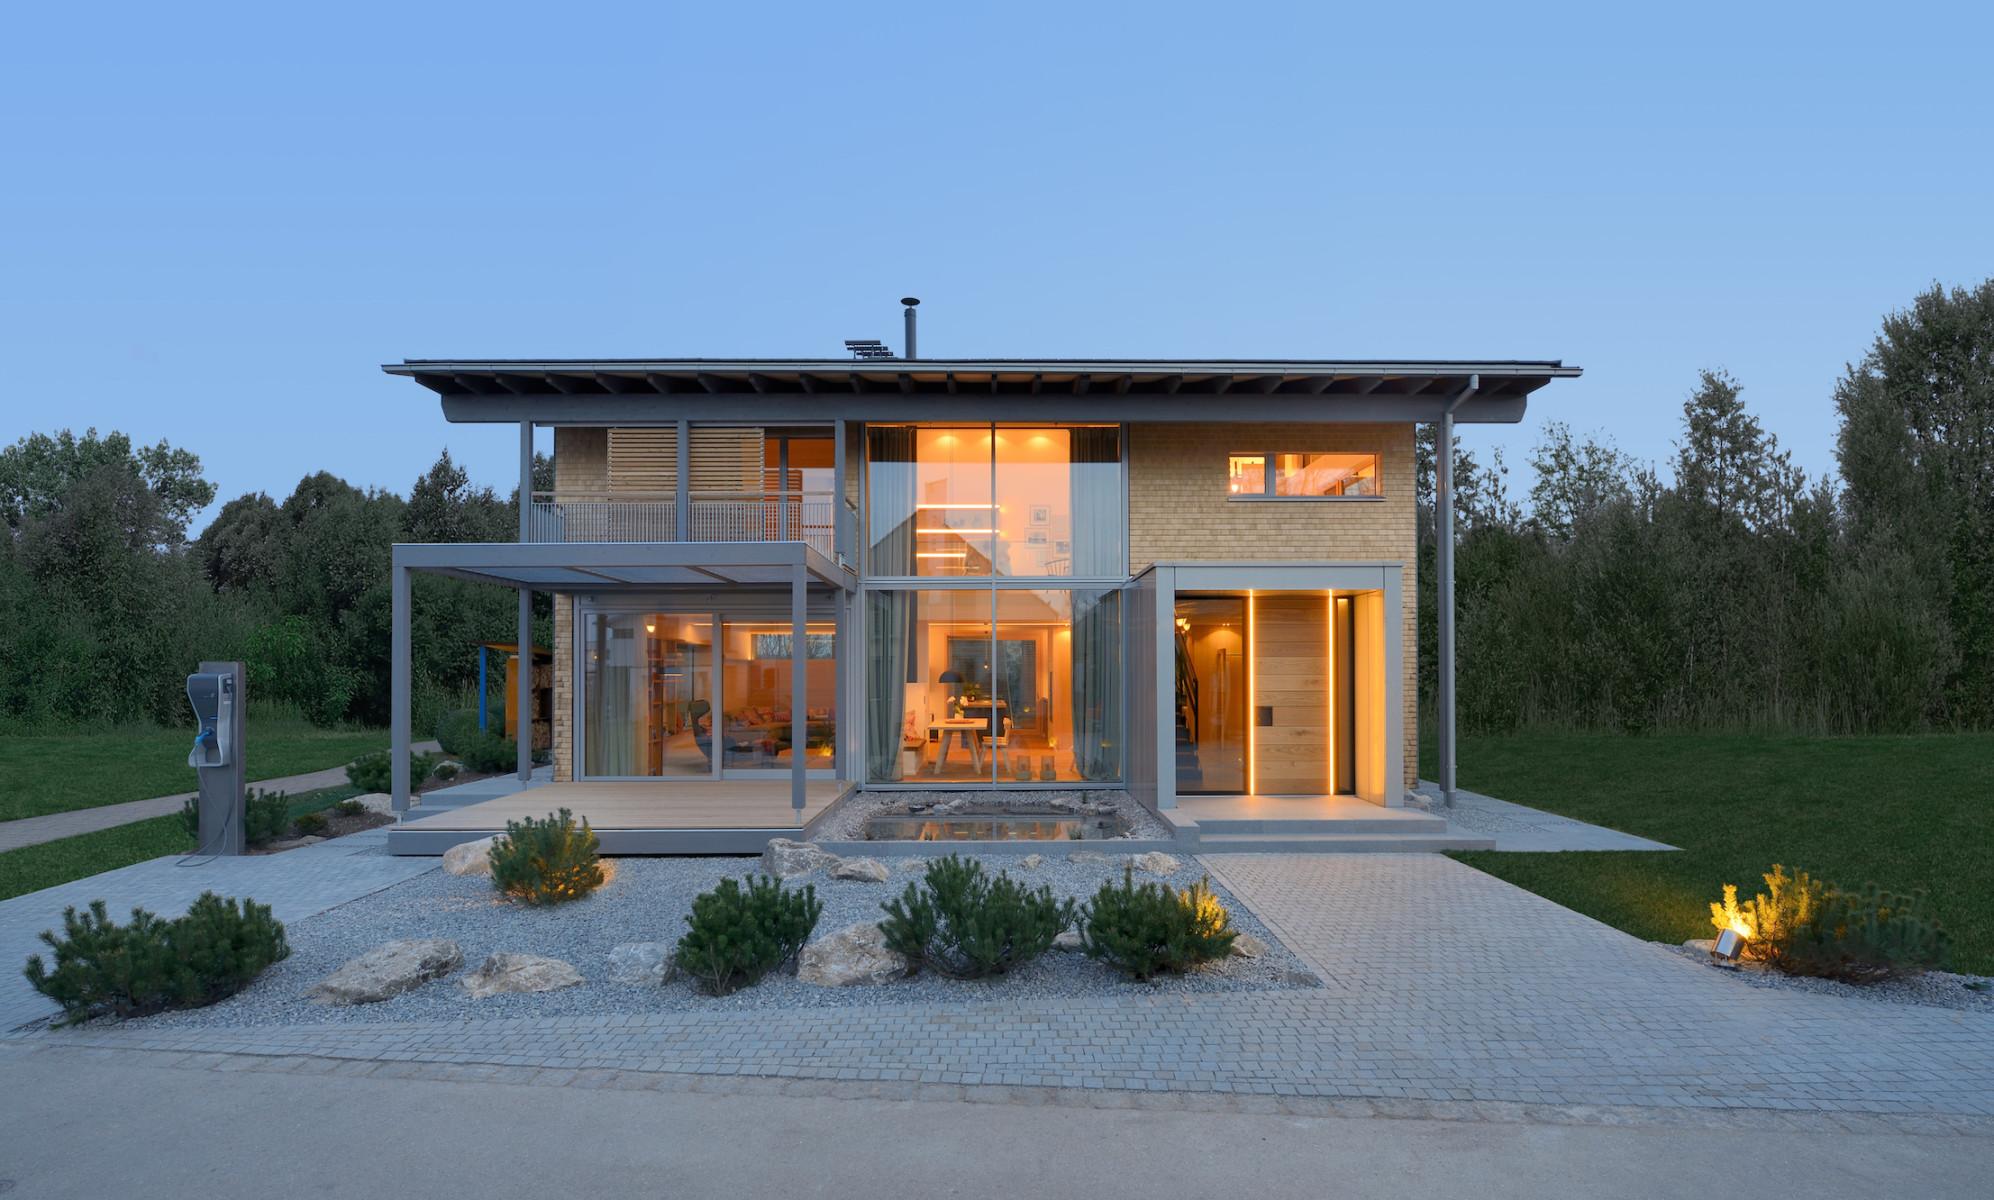 Wir planen und bauen unser haus hausbau ratgeber for Haus bauen architekt